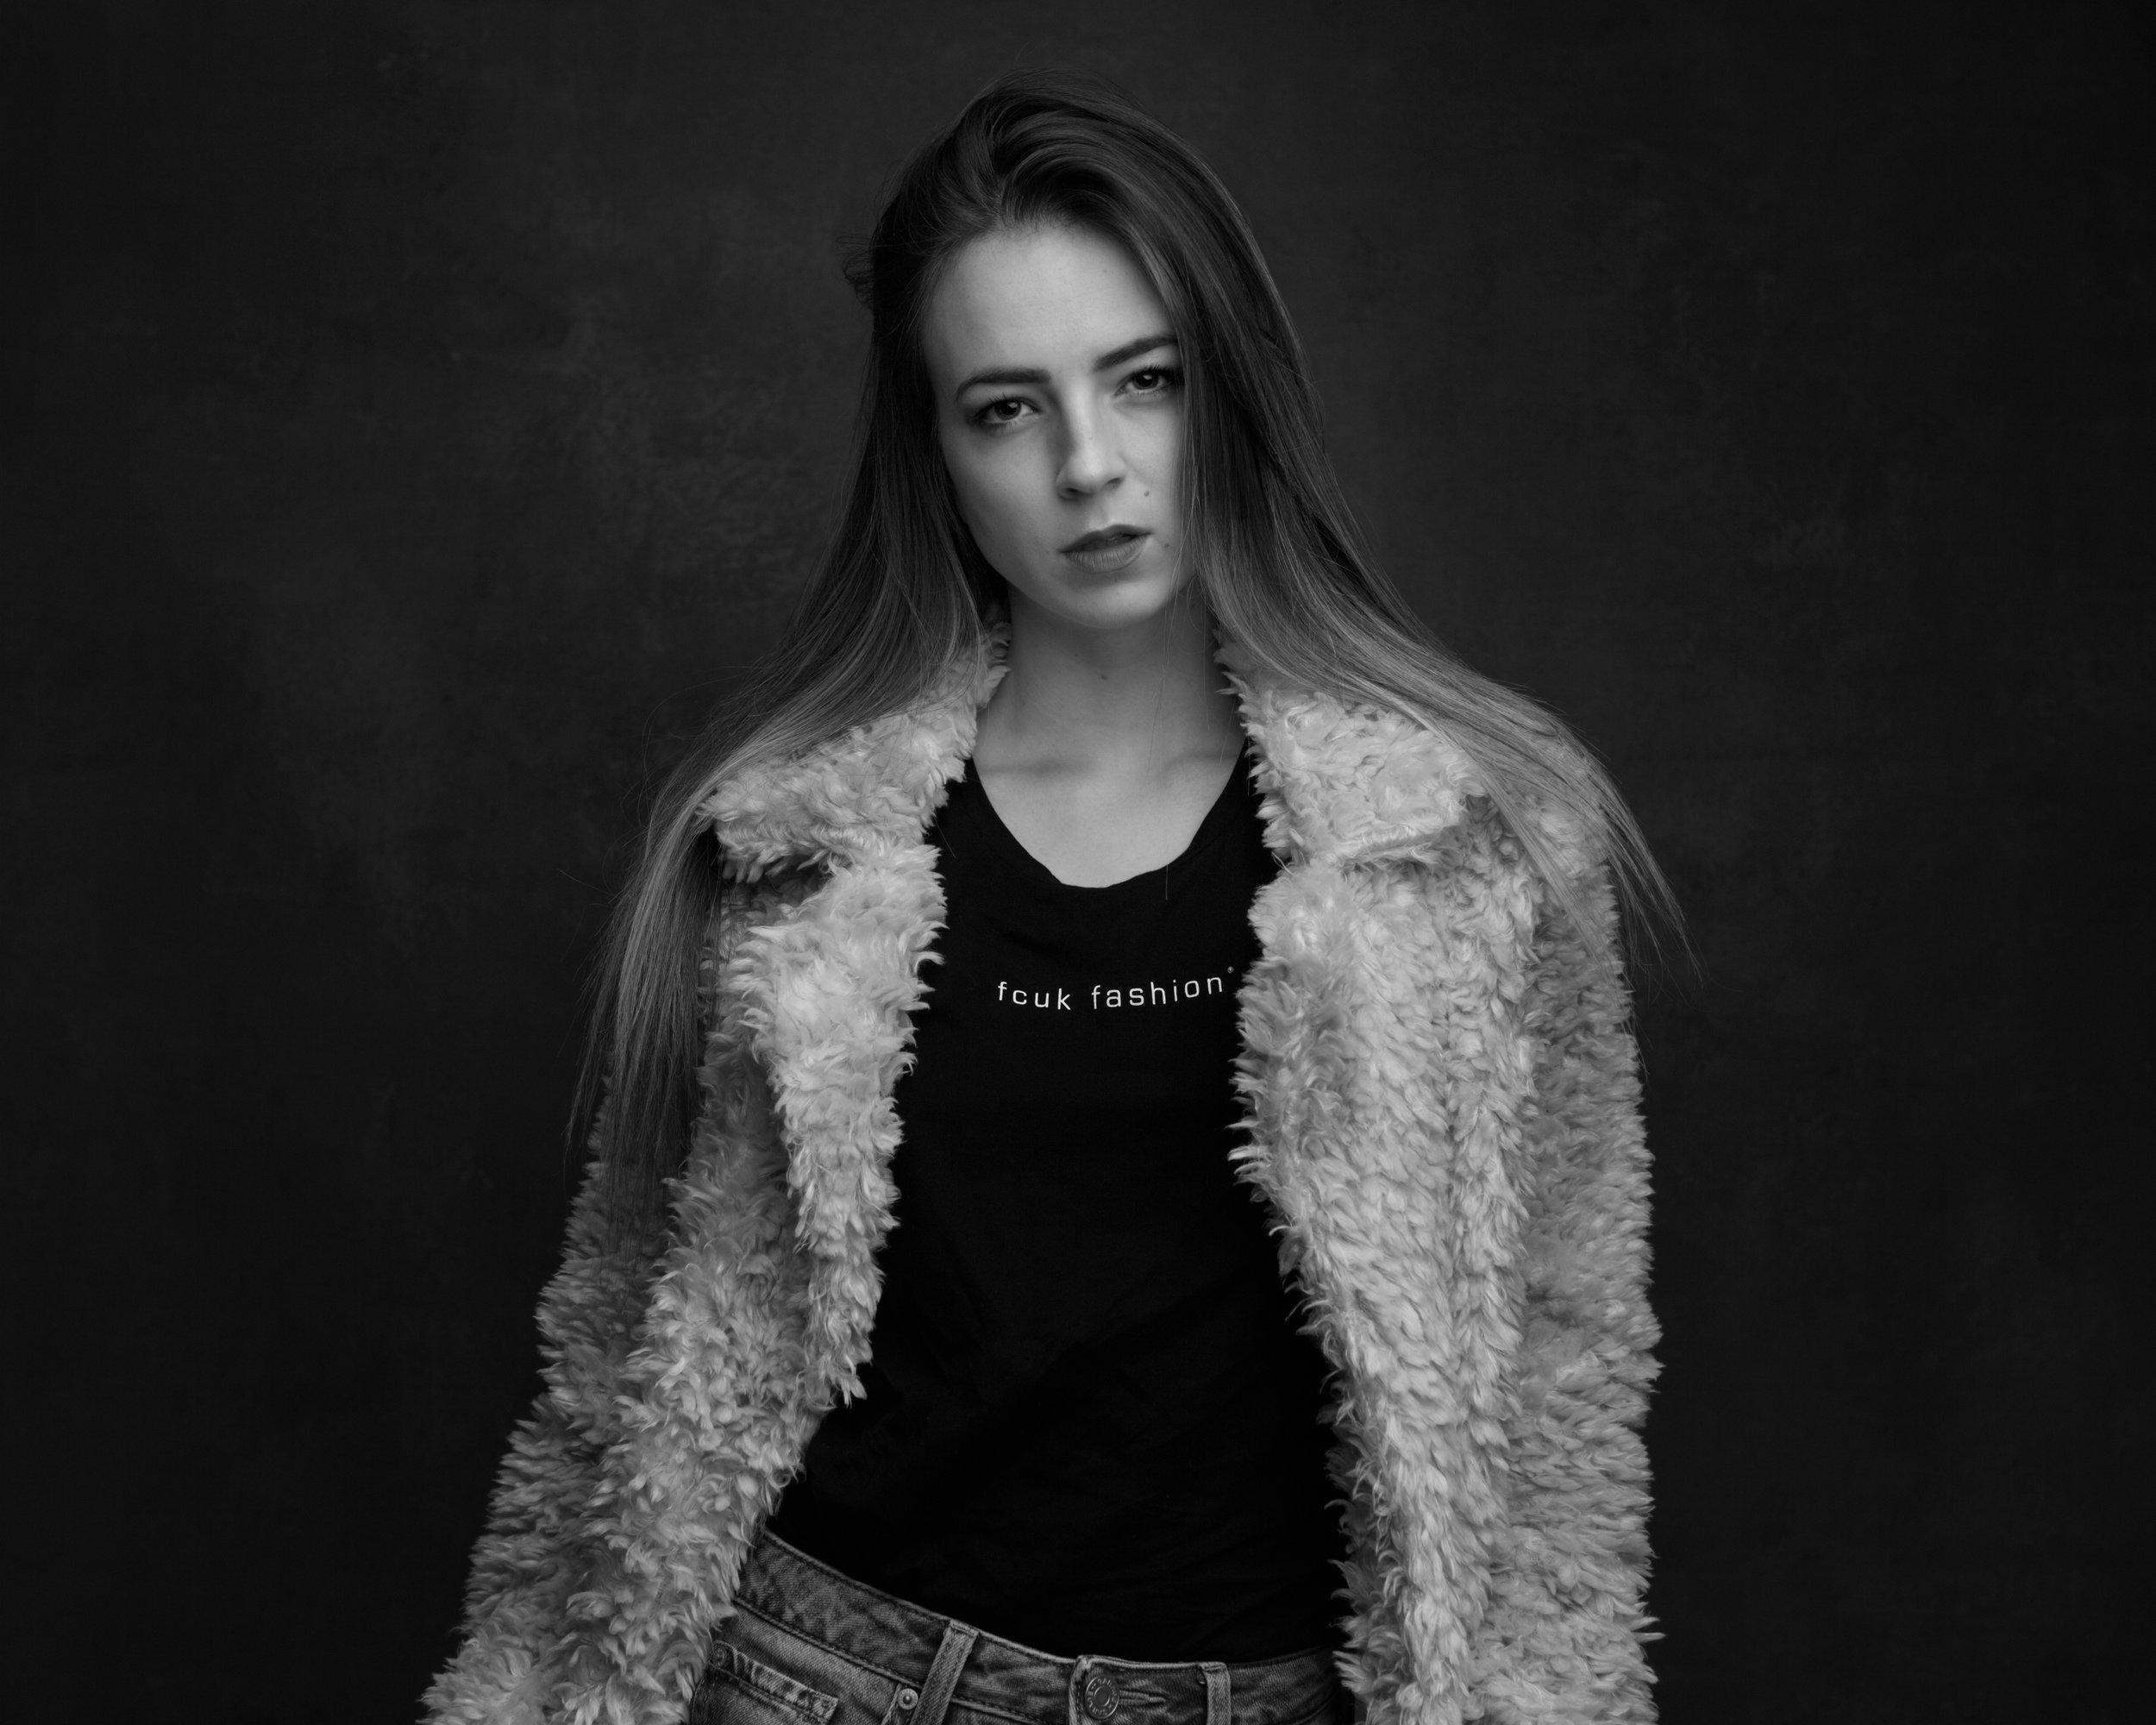 FCUK Fashion - Fashion Photography Toronto